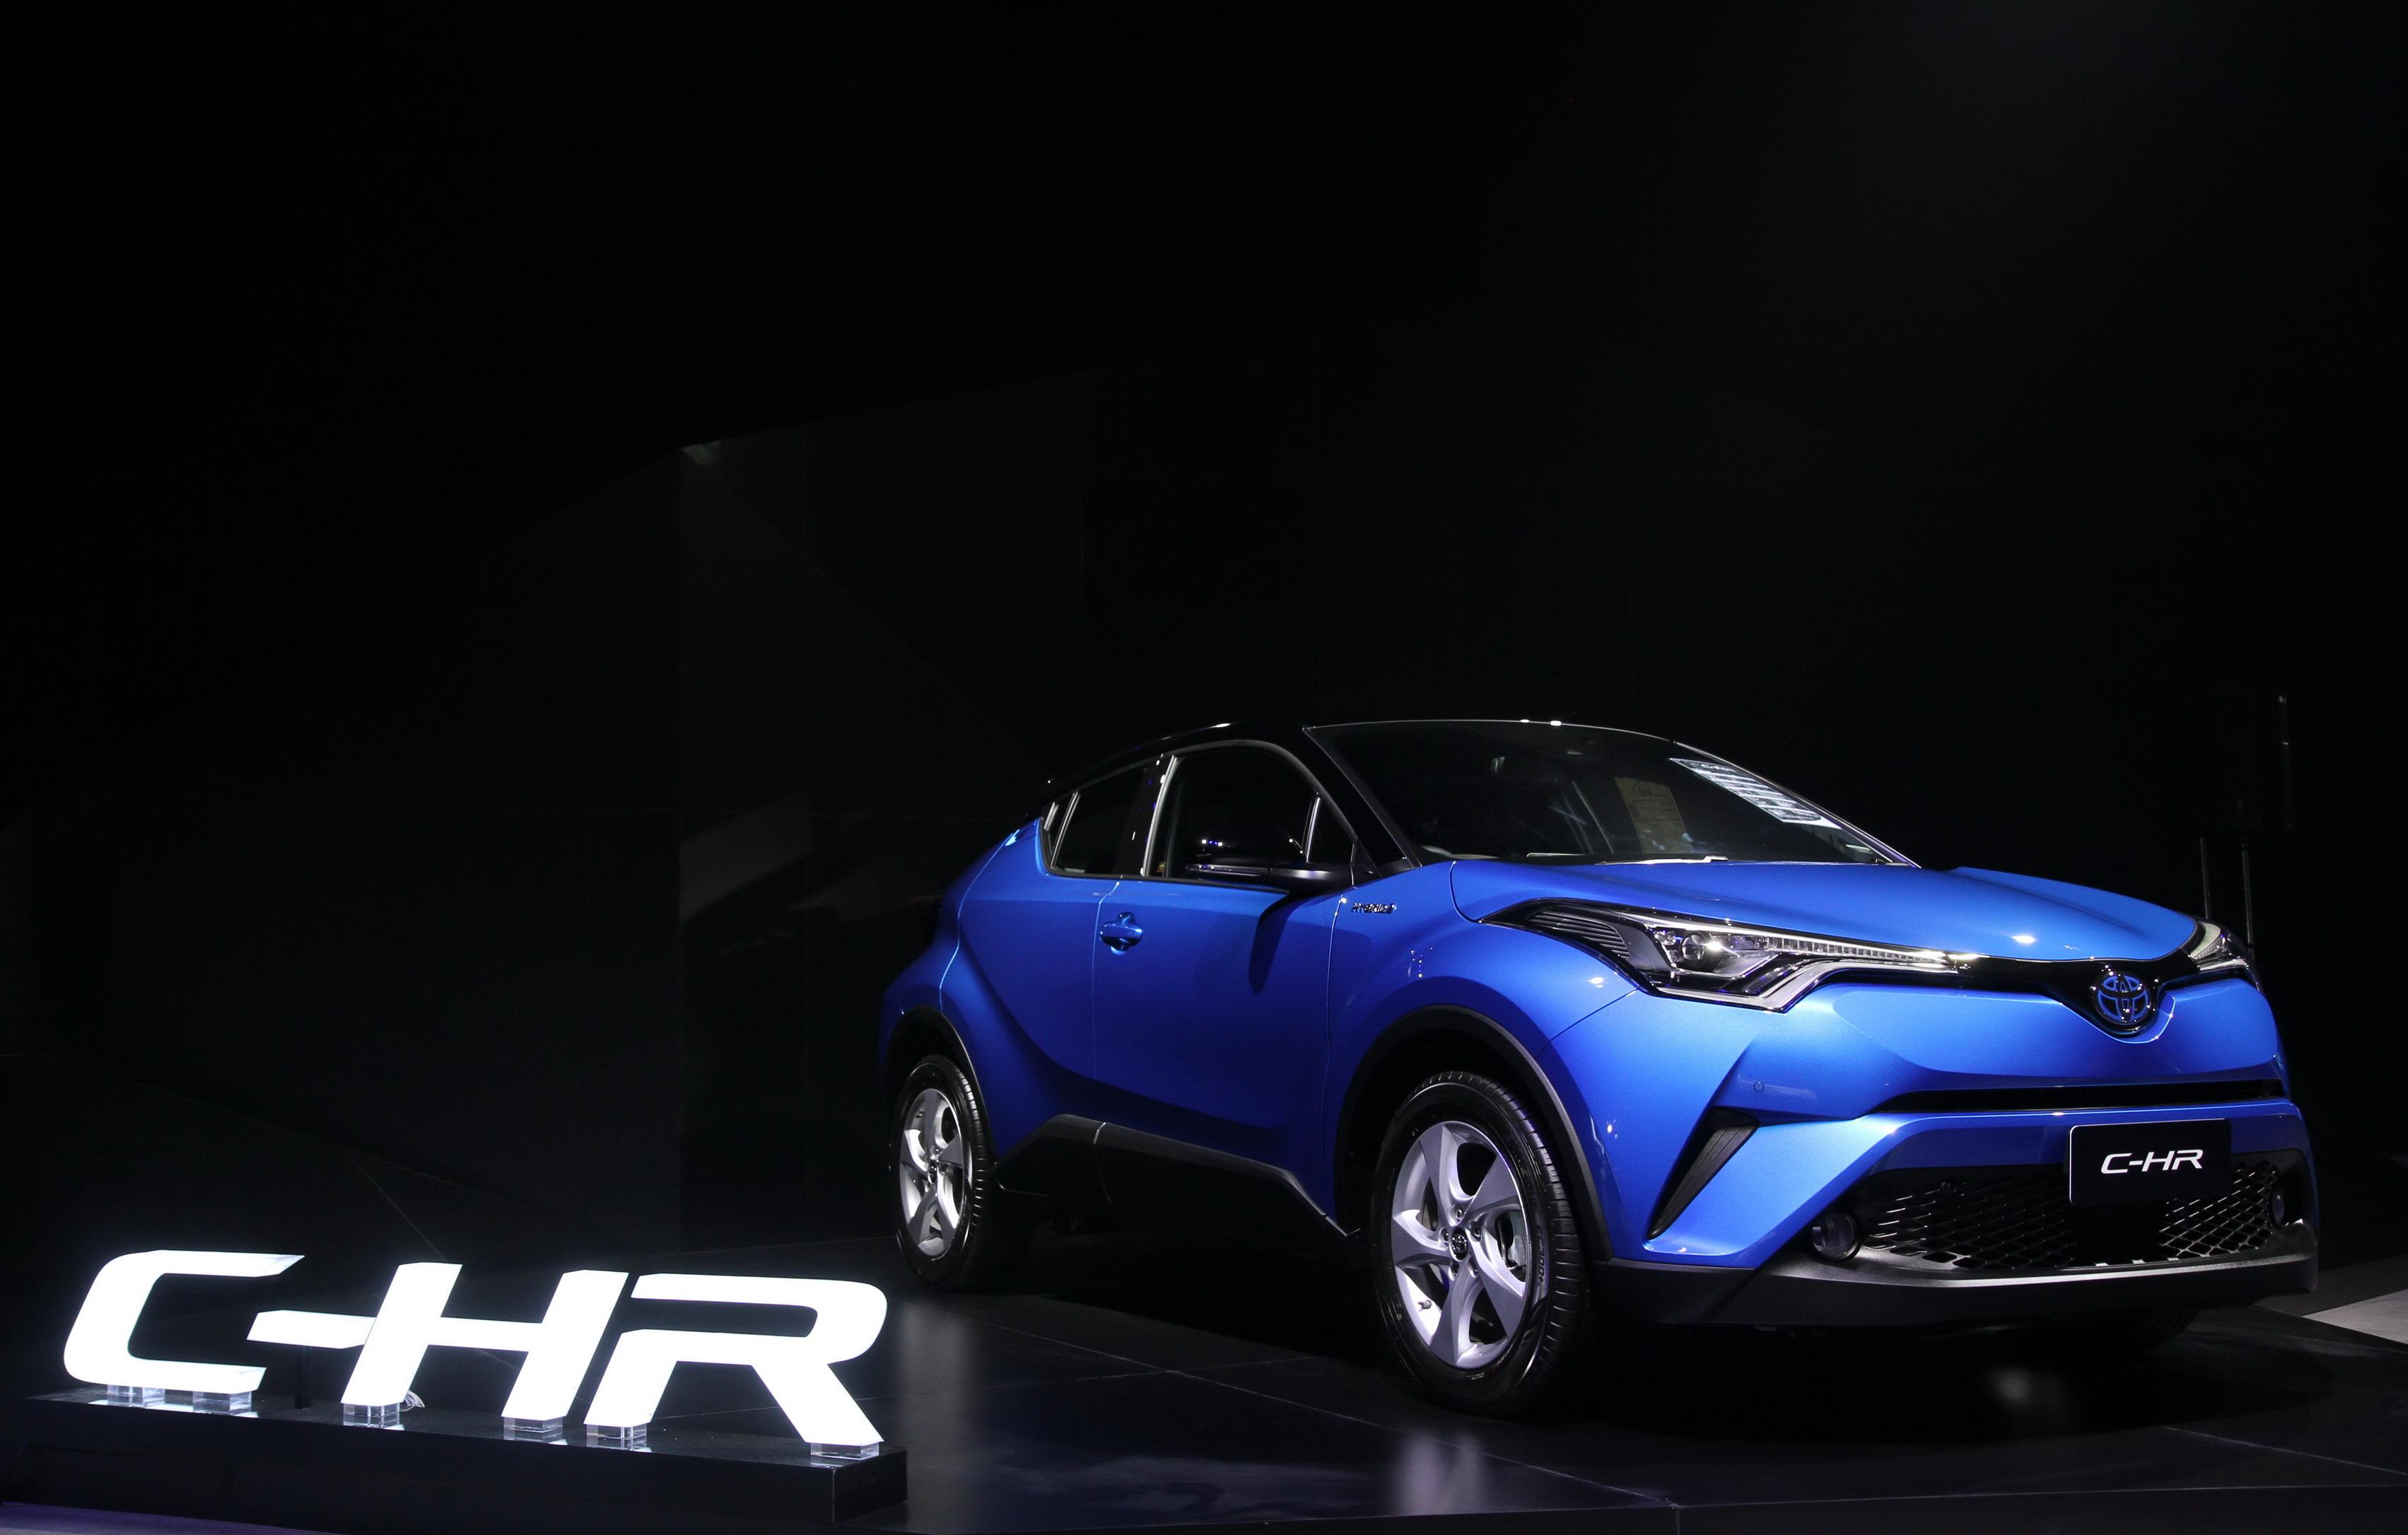 Toyota C-HR รถยนต์ซับคอมแพคเอสยูวี รุ่นแรกของประเทศไทย ที่ผ่านการรับรอง ความปลอดภัยระดับ 5 ดาว จาก ASEAN NCAP ตามหลักเกณฑ์การประเมินแบบใหม่